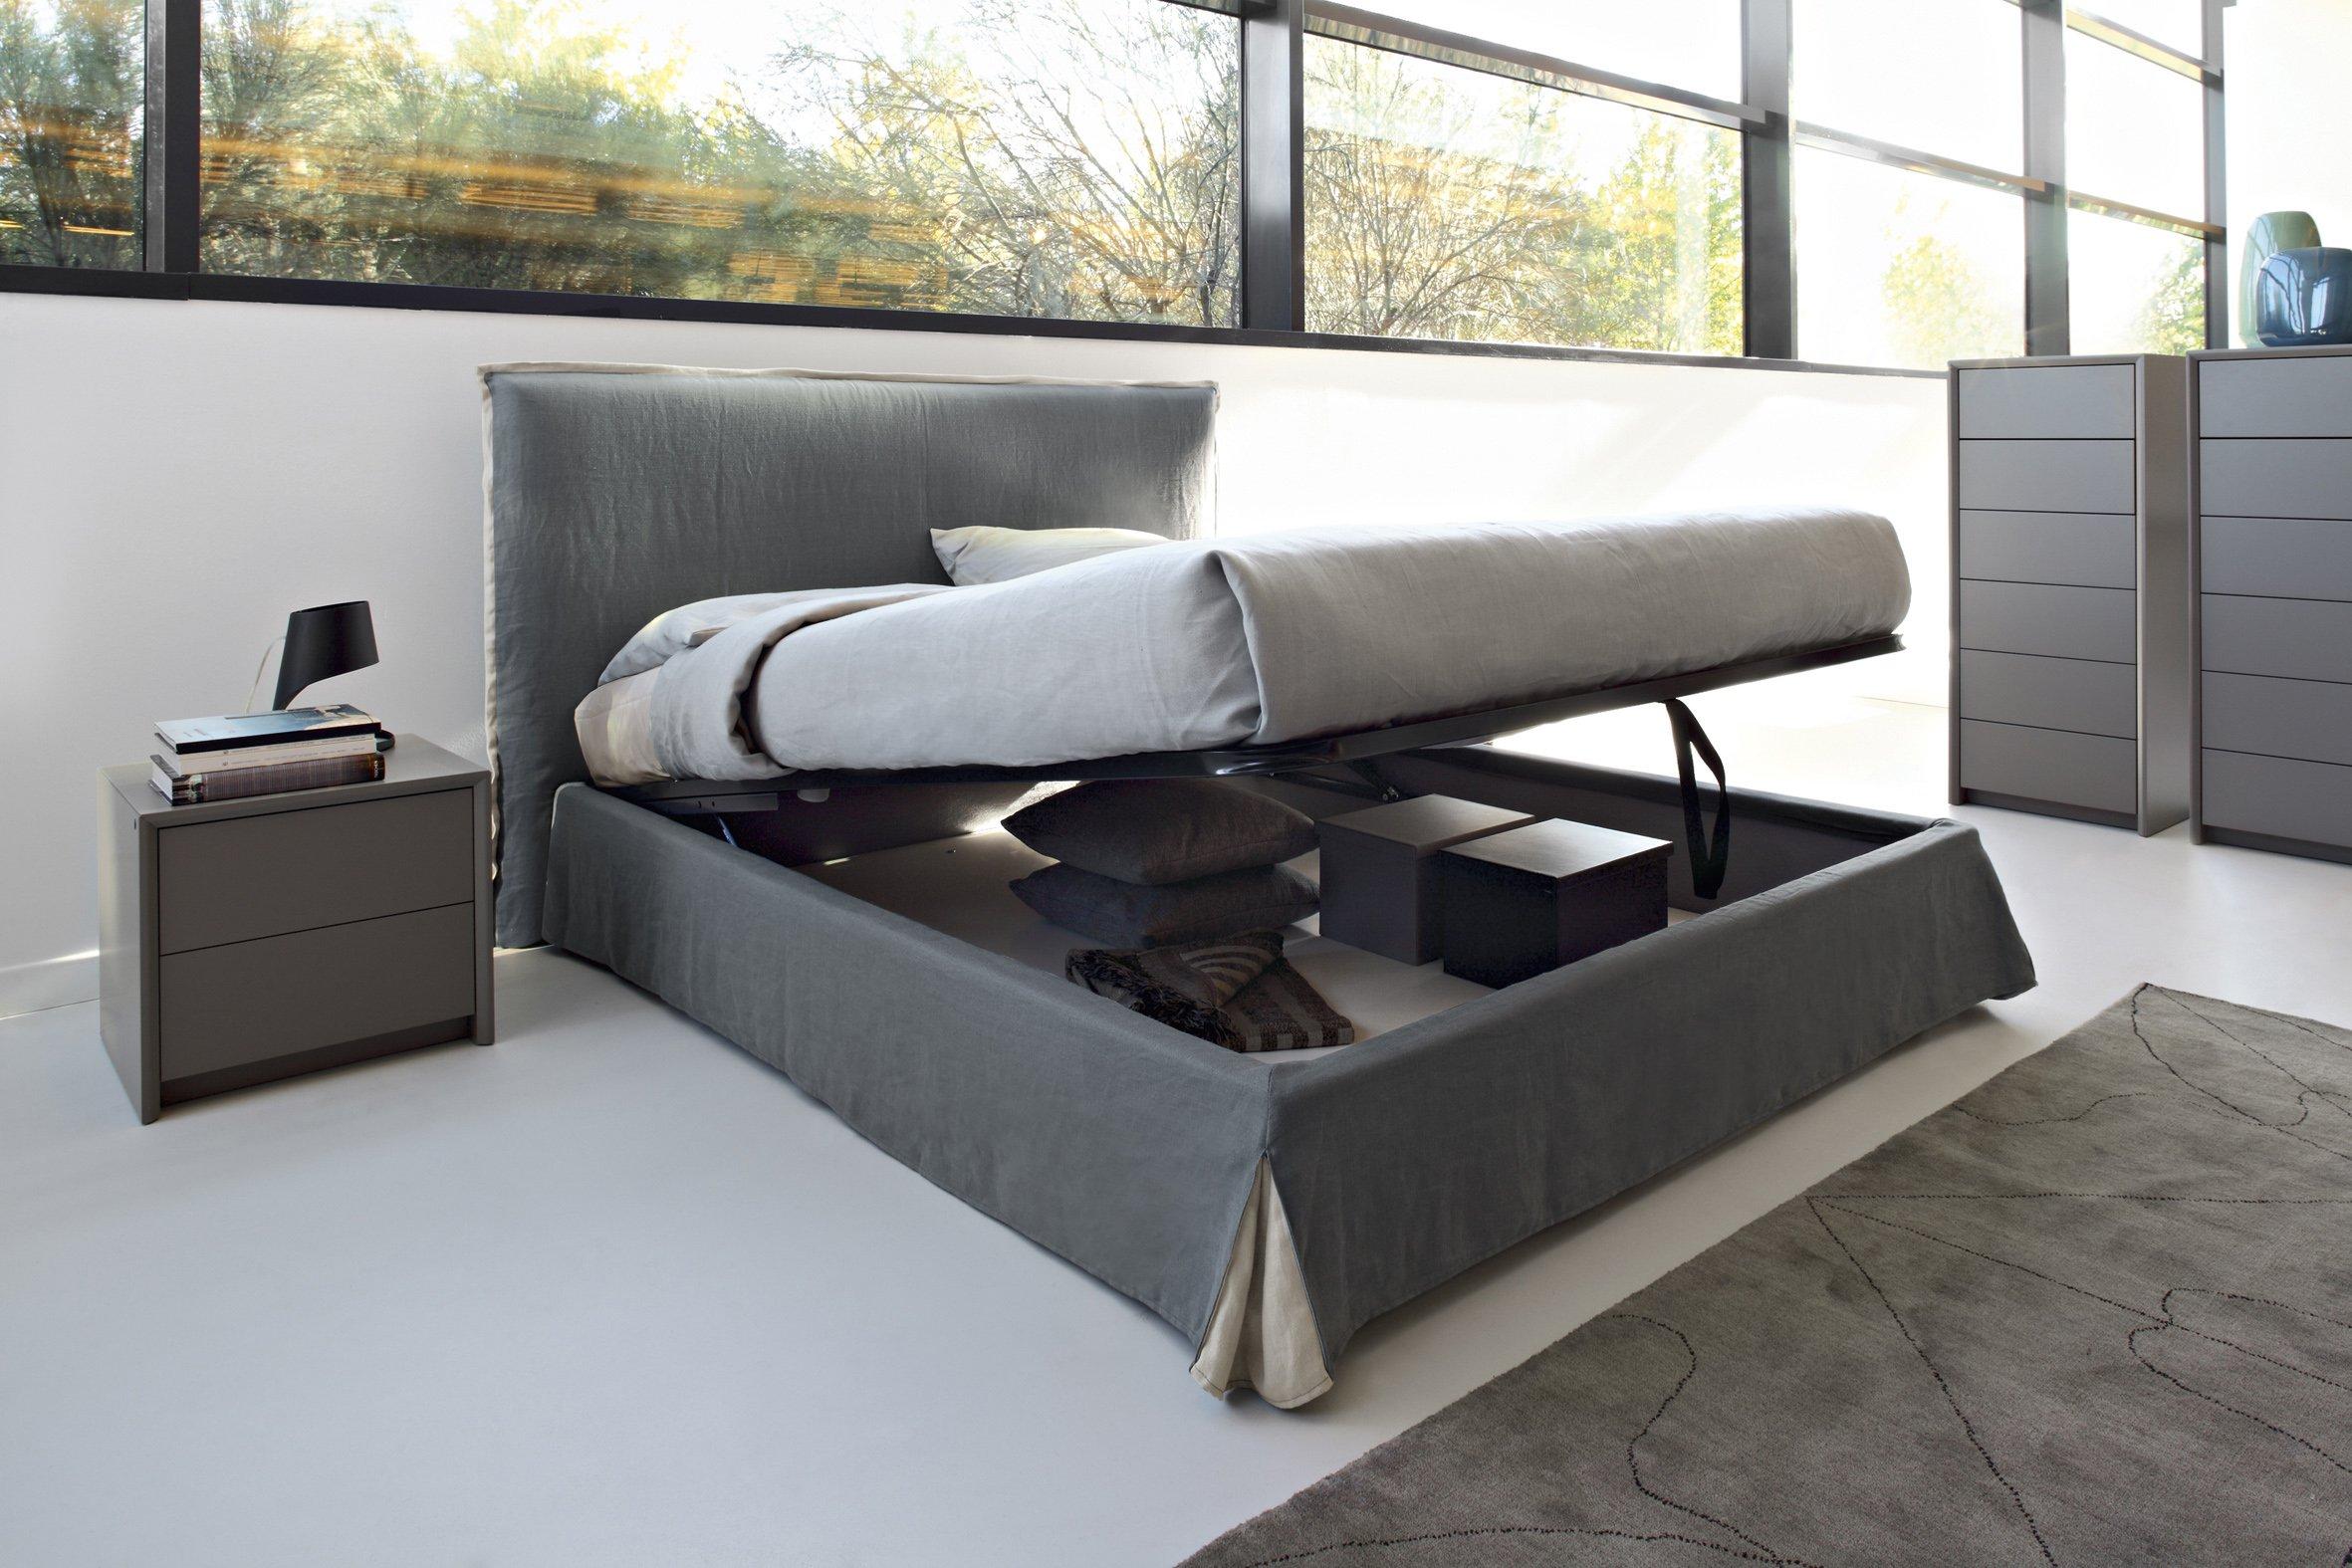 Letti con contenitore salvaspazio che liberano l 39 armadio cose di casa - Rete per letto contenitore ...